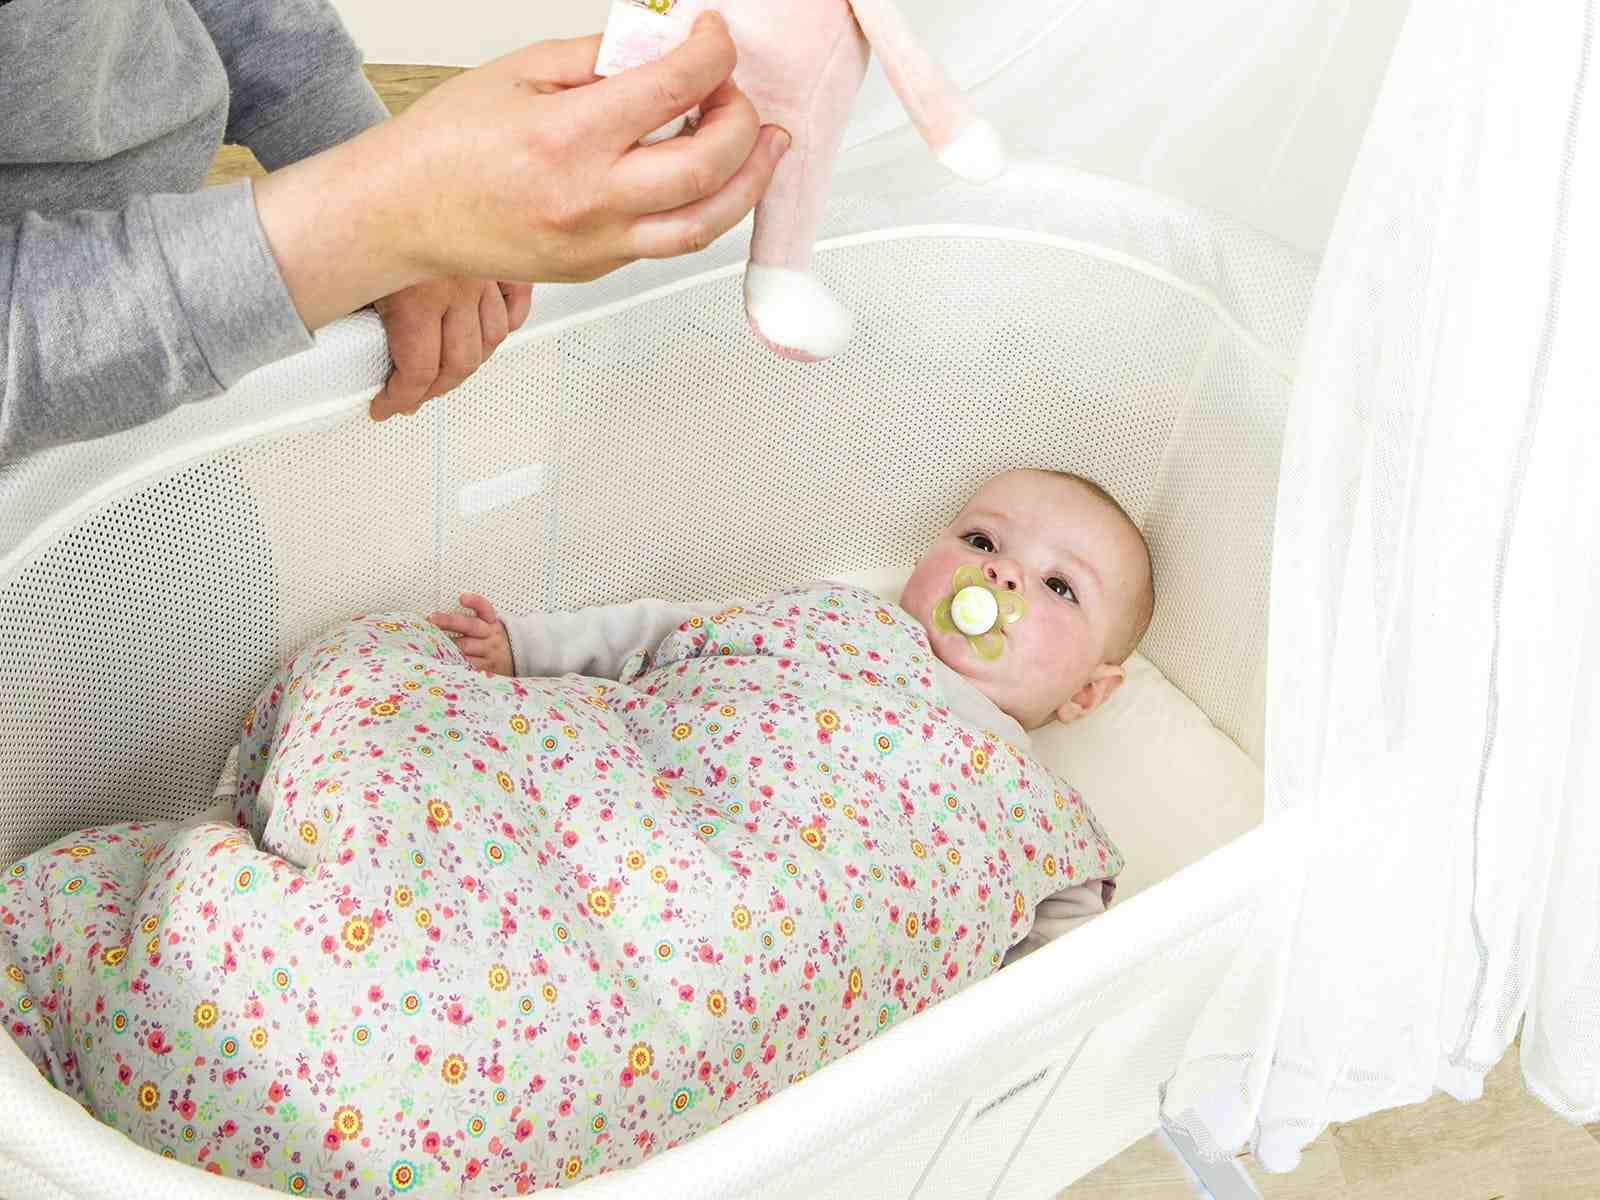 Comment faire pour que bébé dorme sur le dos ?